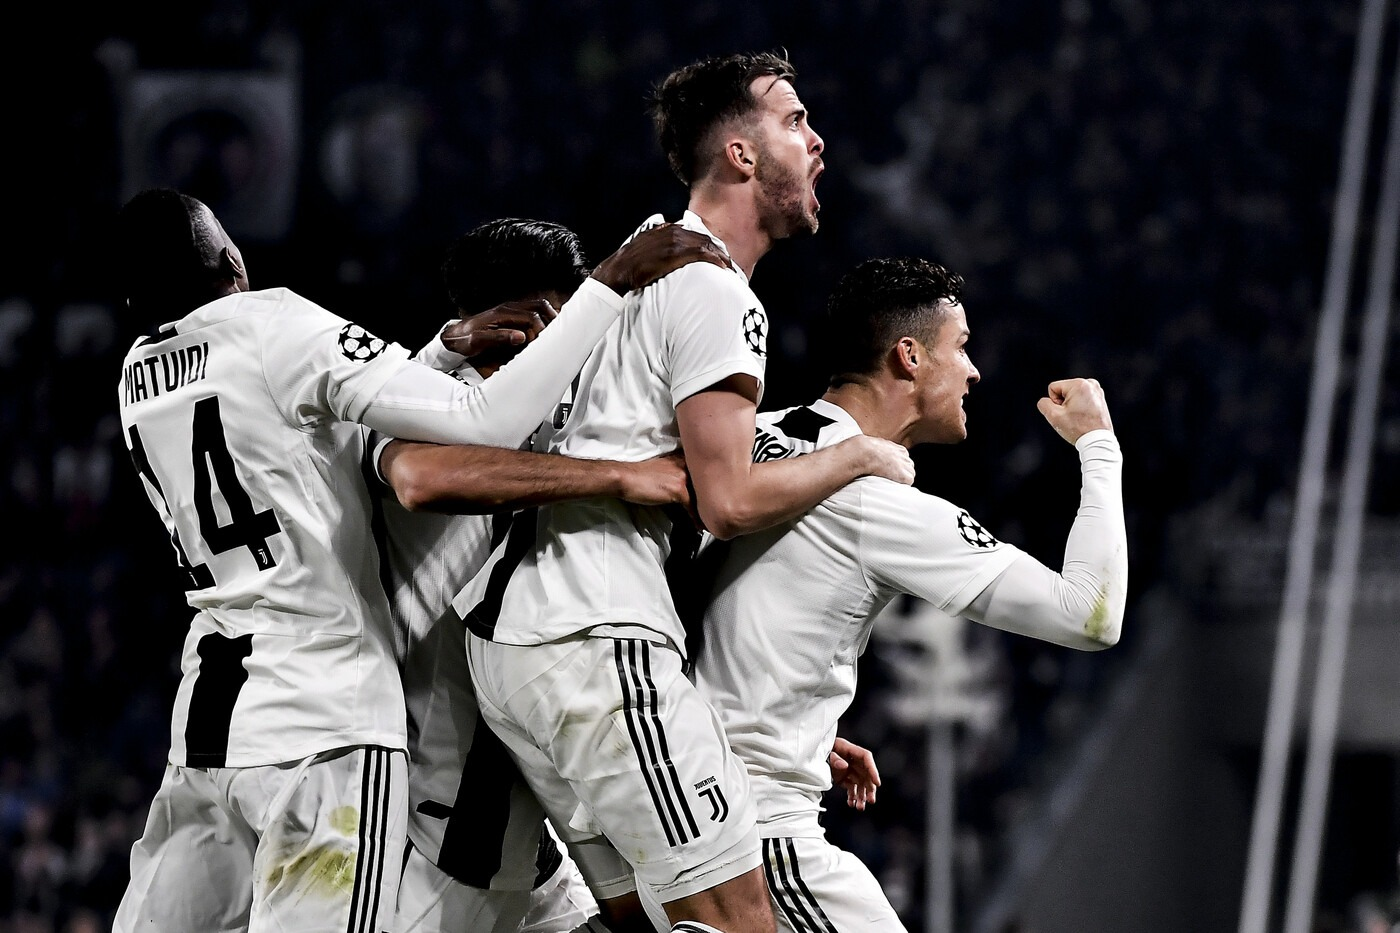 Serie A, Cagliari-Juventus martedì 2 aprile: analisi e pronostico della 30ma giornata del campionato spagnolo